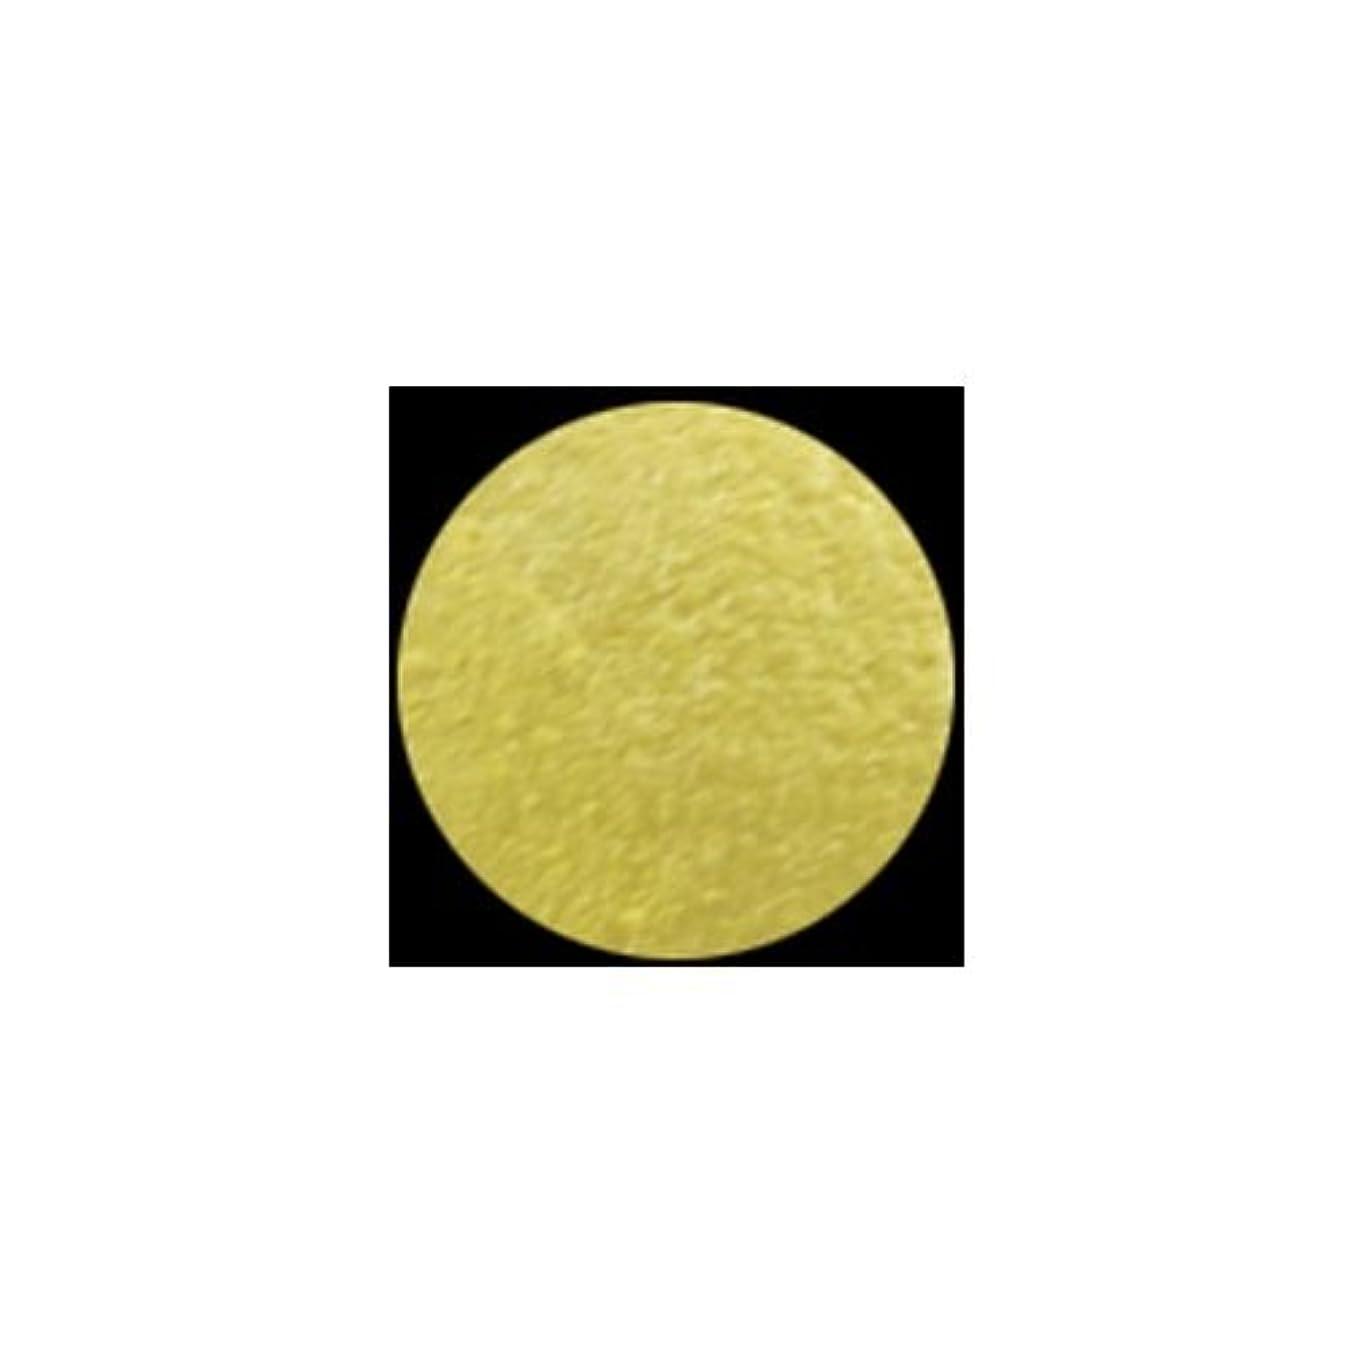 ジェット病的増幅器KLEANCOLOR American Eyedol (Wet/Dry Baked Eyeshadow) - Matte Yellow (並行輸入品)